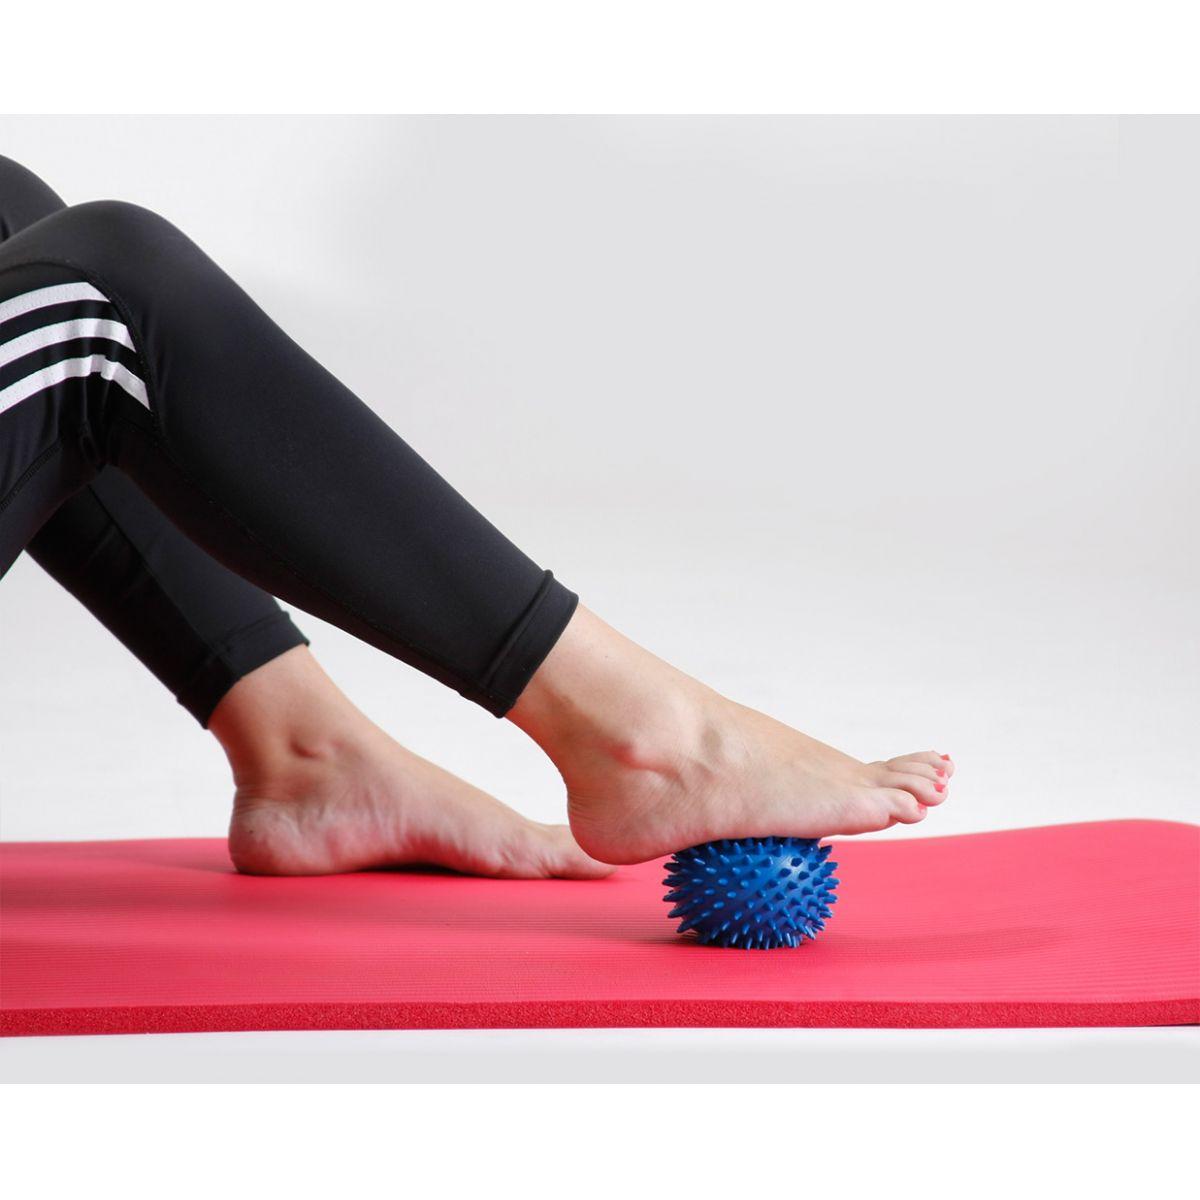 Bola para massagem Point Ball 10cm  - dura com cravos - PBD.10